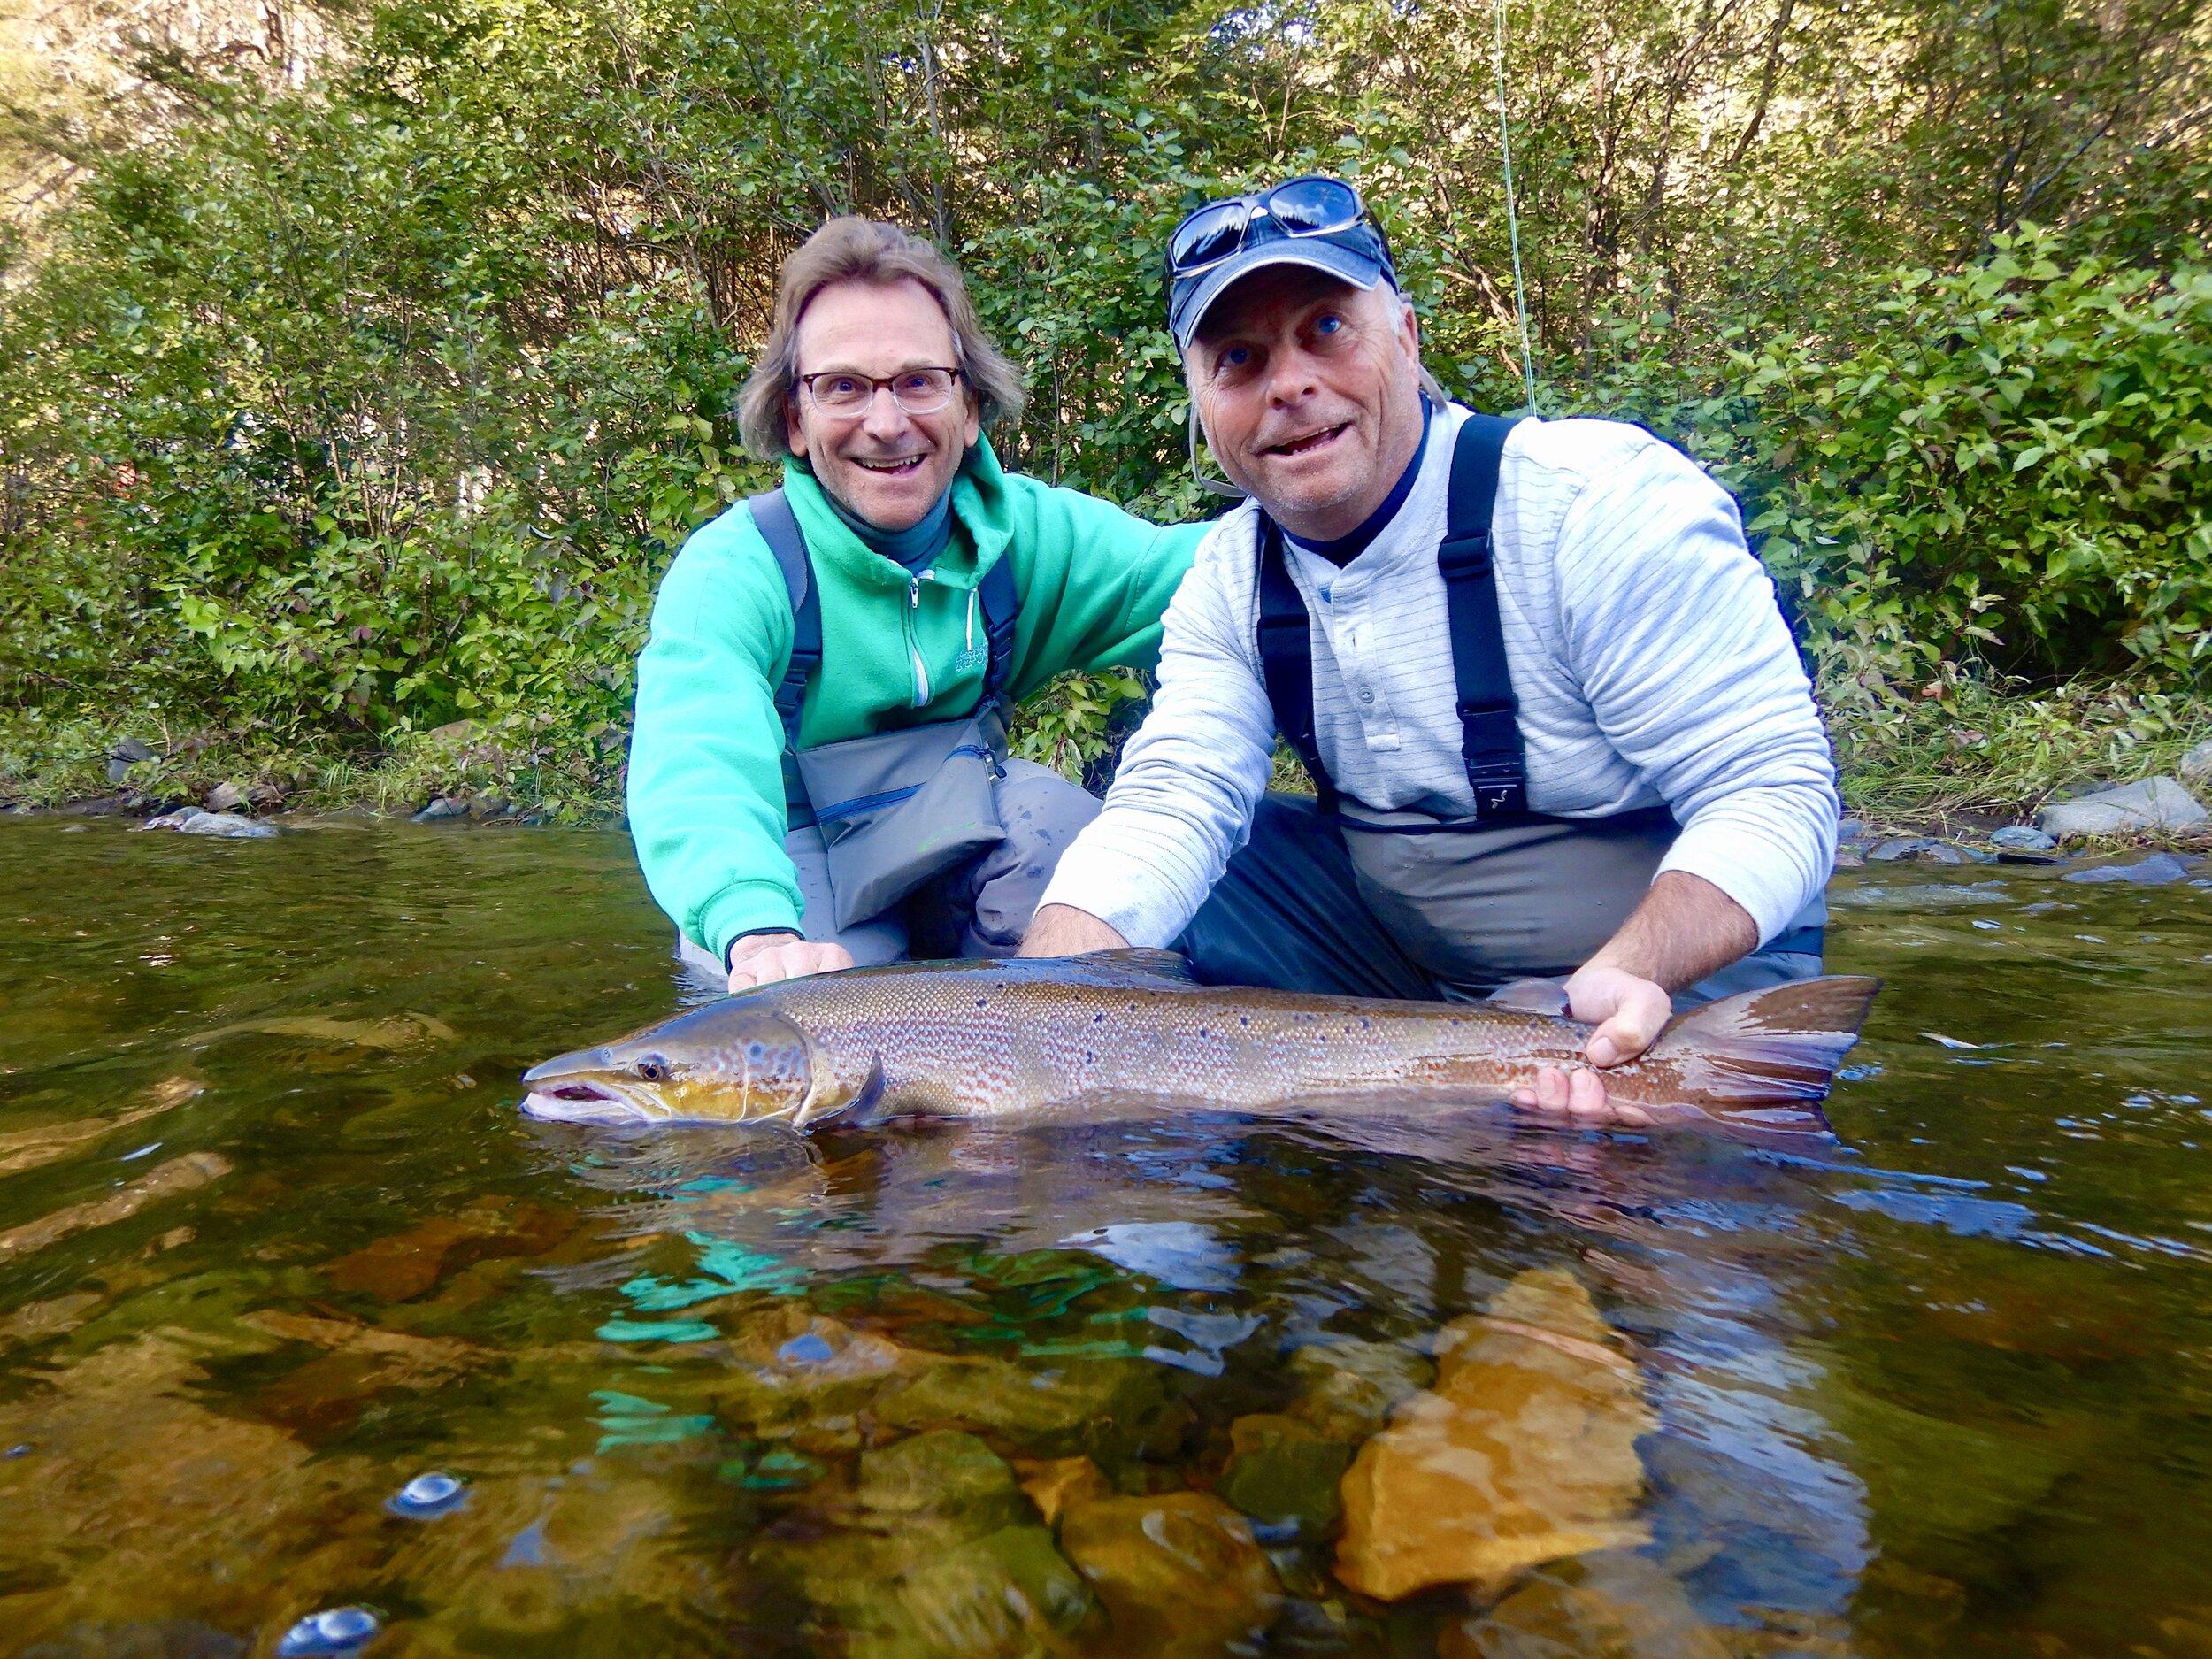 Les frères Roland Czech (à droite) et Jan Czech (à gauche) ont passé une formidable jounée sur la Cascapédia. Les voici avec le superbe saumon capturé par Roland. Beau travail, Roland!